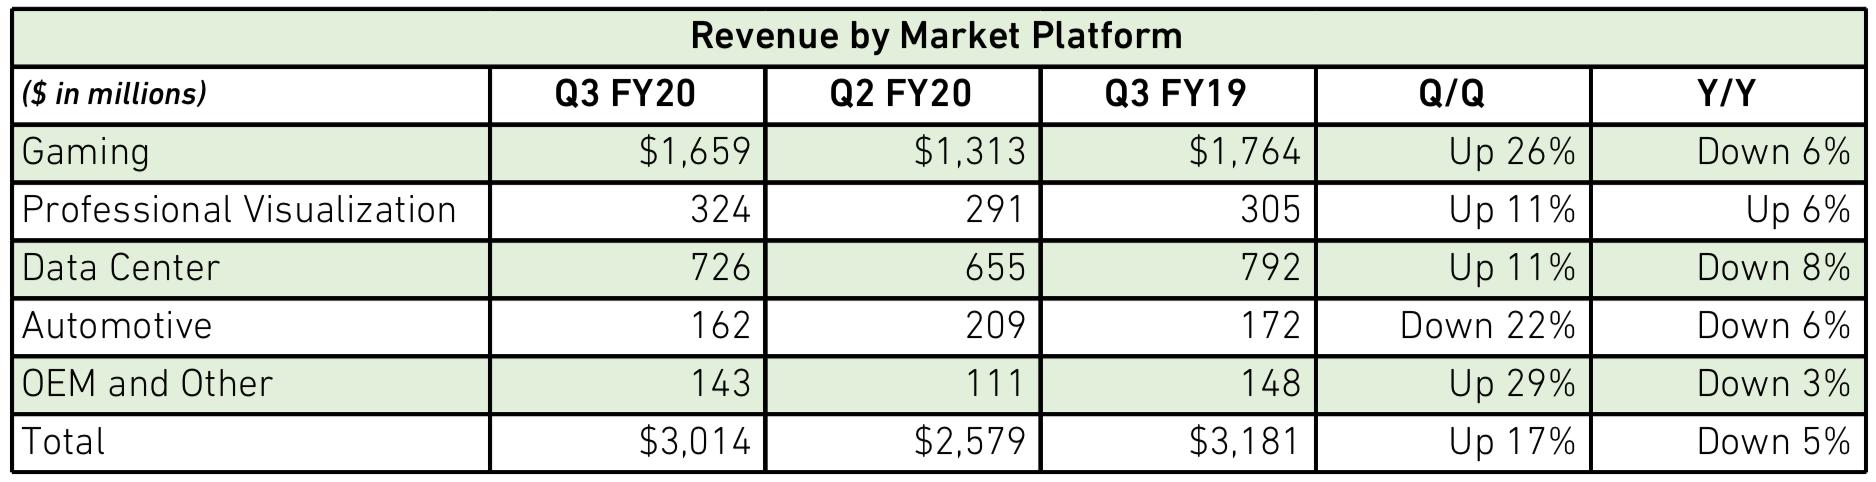 Nvidias Umsatz nach Marktsegmenten